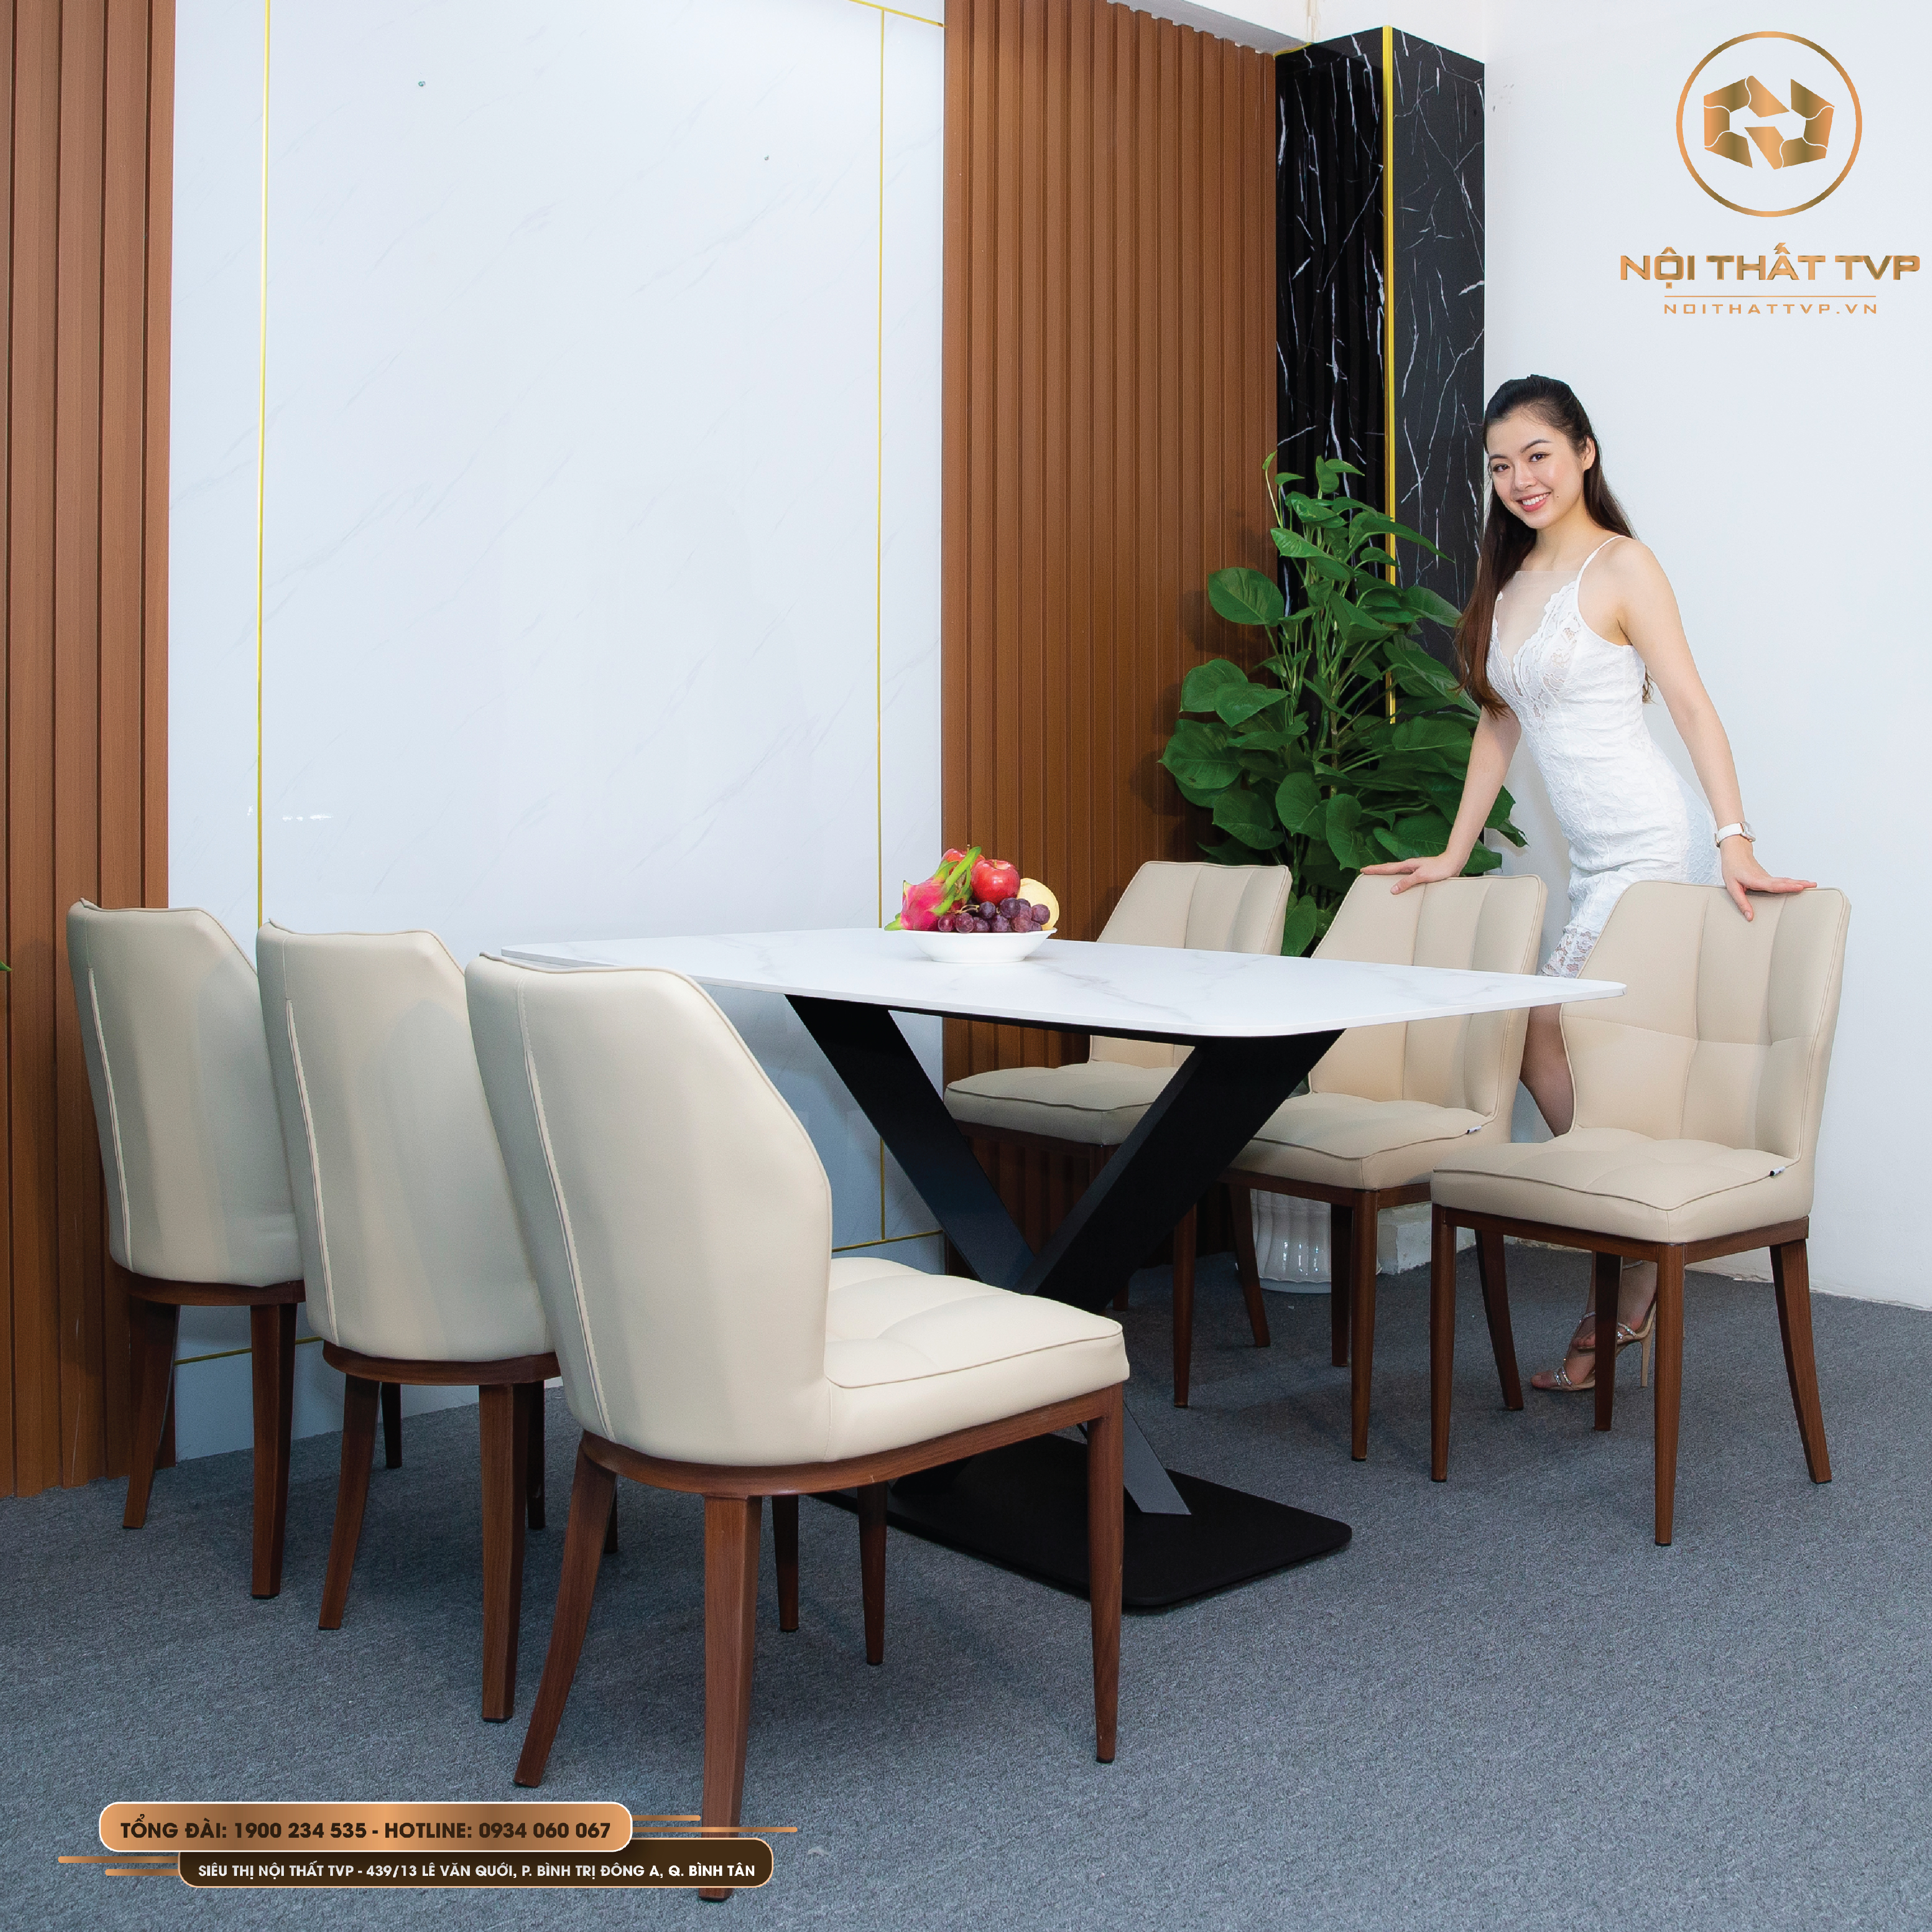 Bộ bàn ăn 6 ghế nhập khẩu hiện đại